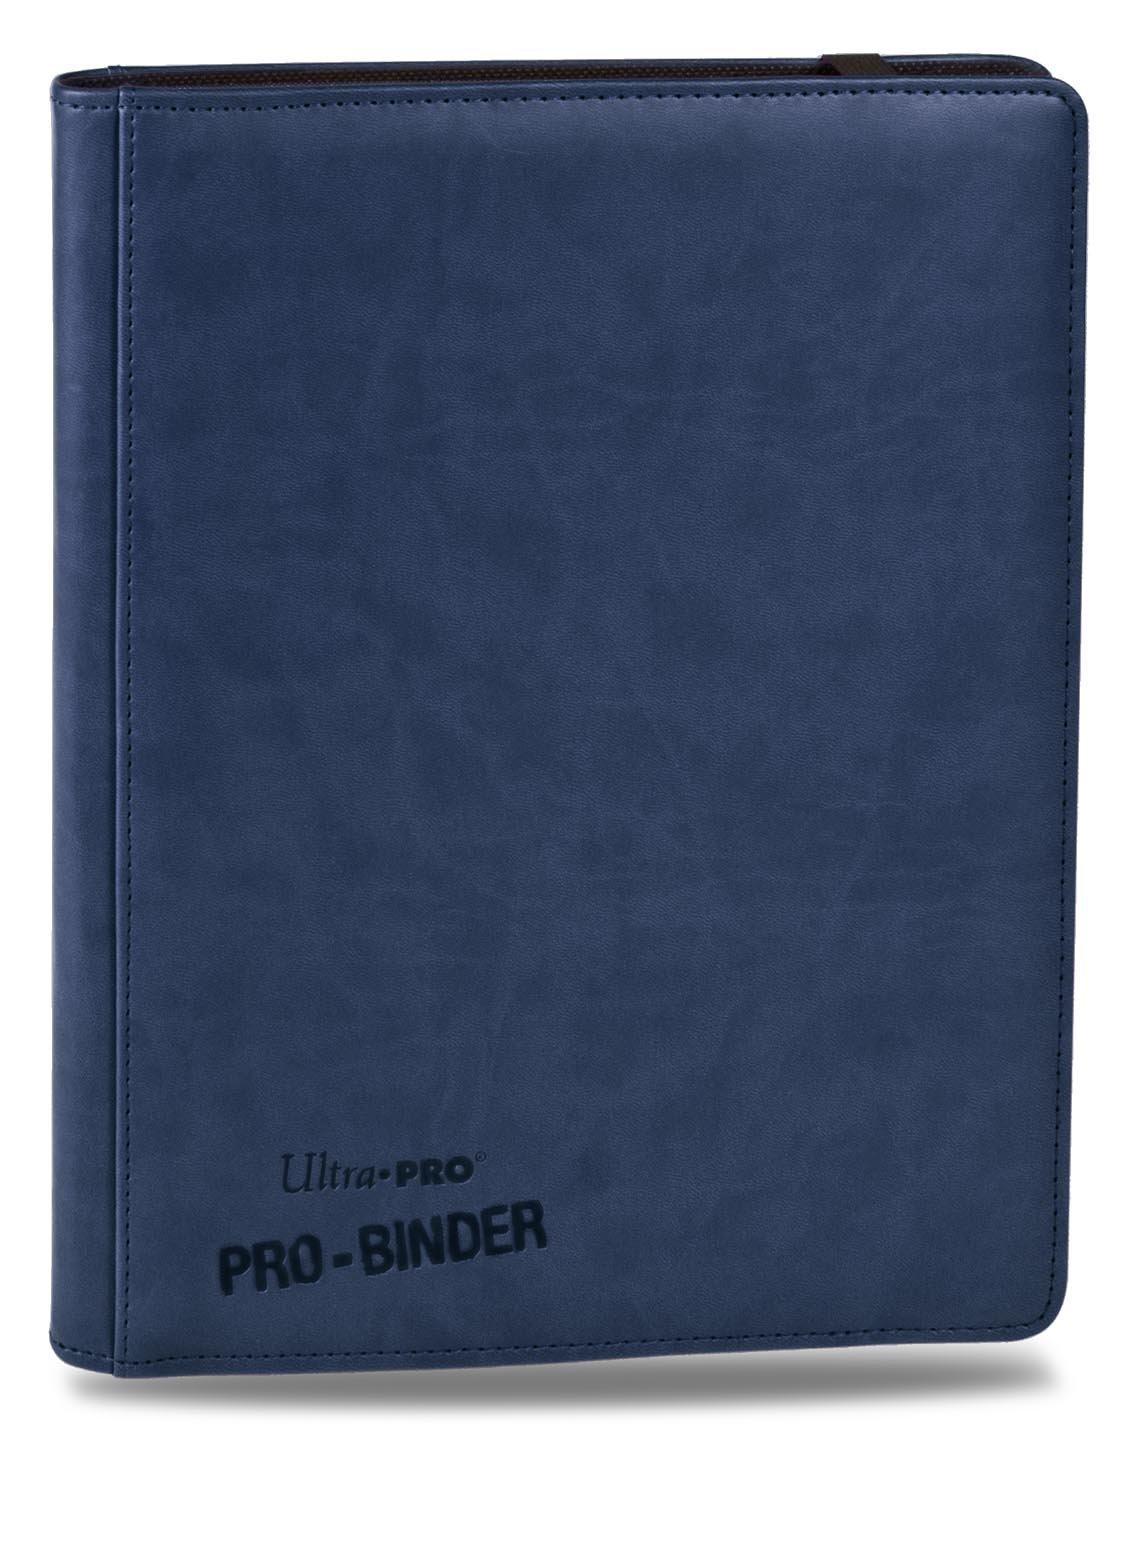 Premium PRO-BINDER 9-Pocket Cards, Blue